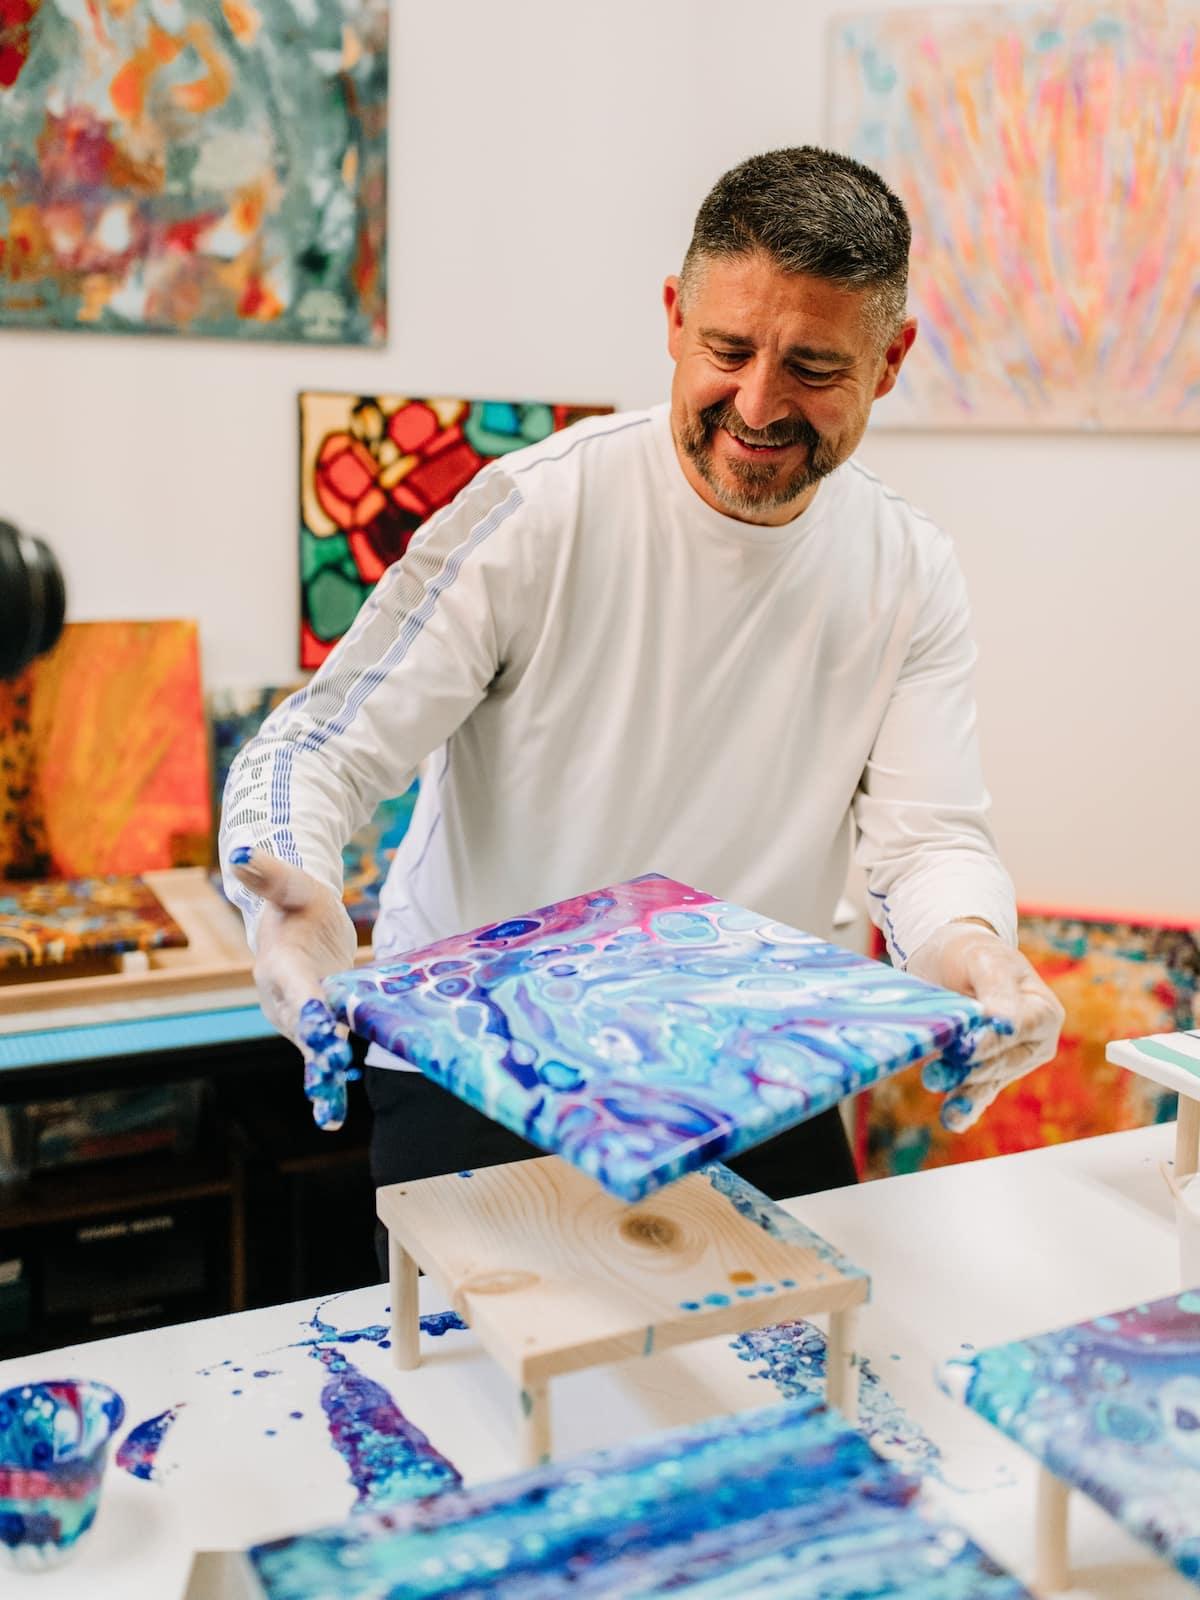 Man making acrylic art